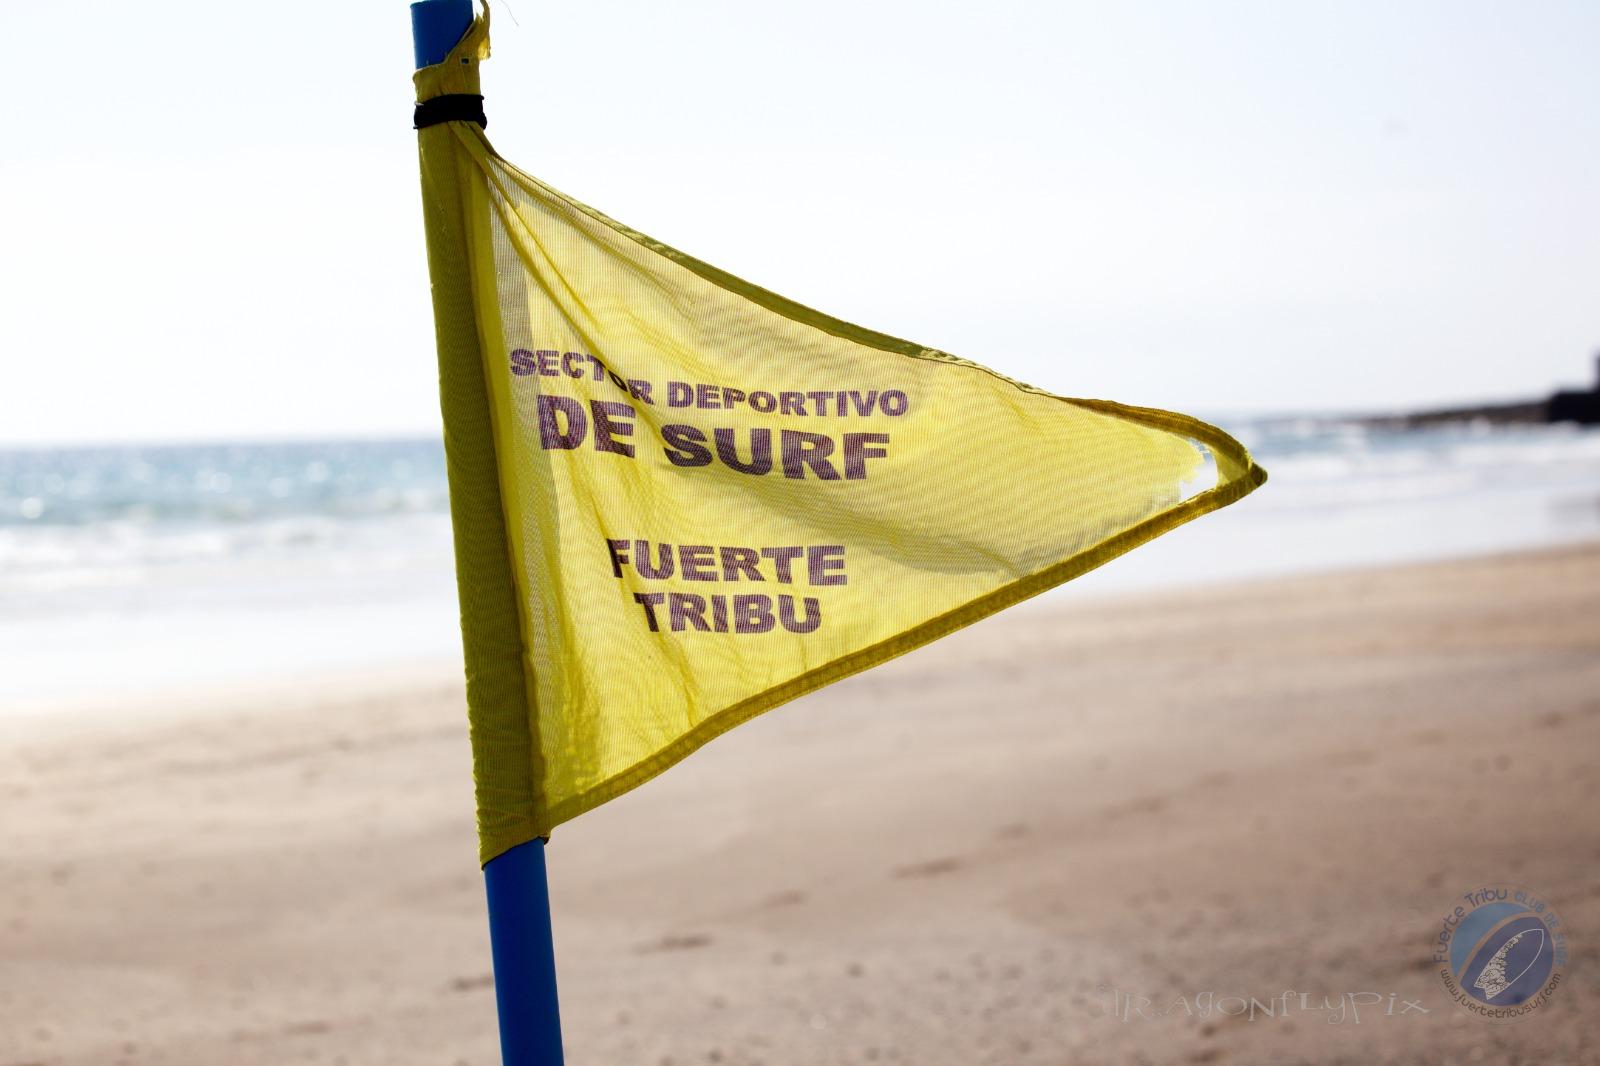 FUERTE TRIBU FUERTEVENTURA SURFWhatsApp Image 2019-08-25 at 17.06.55(17).jpeg